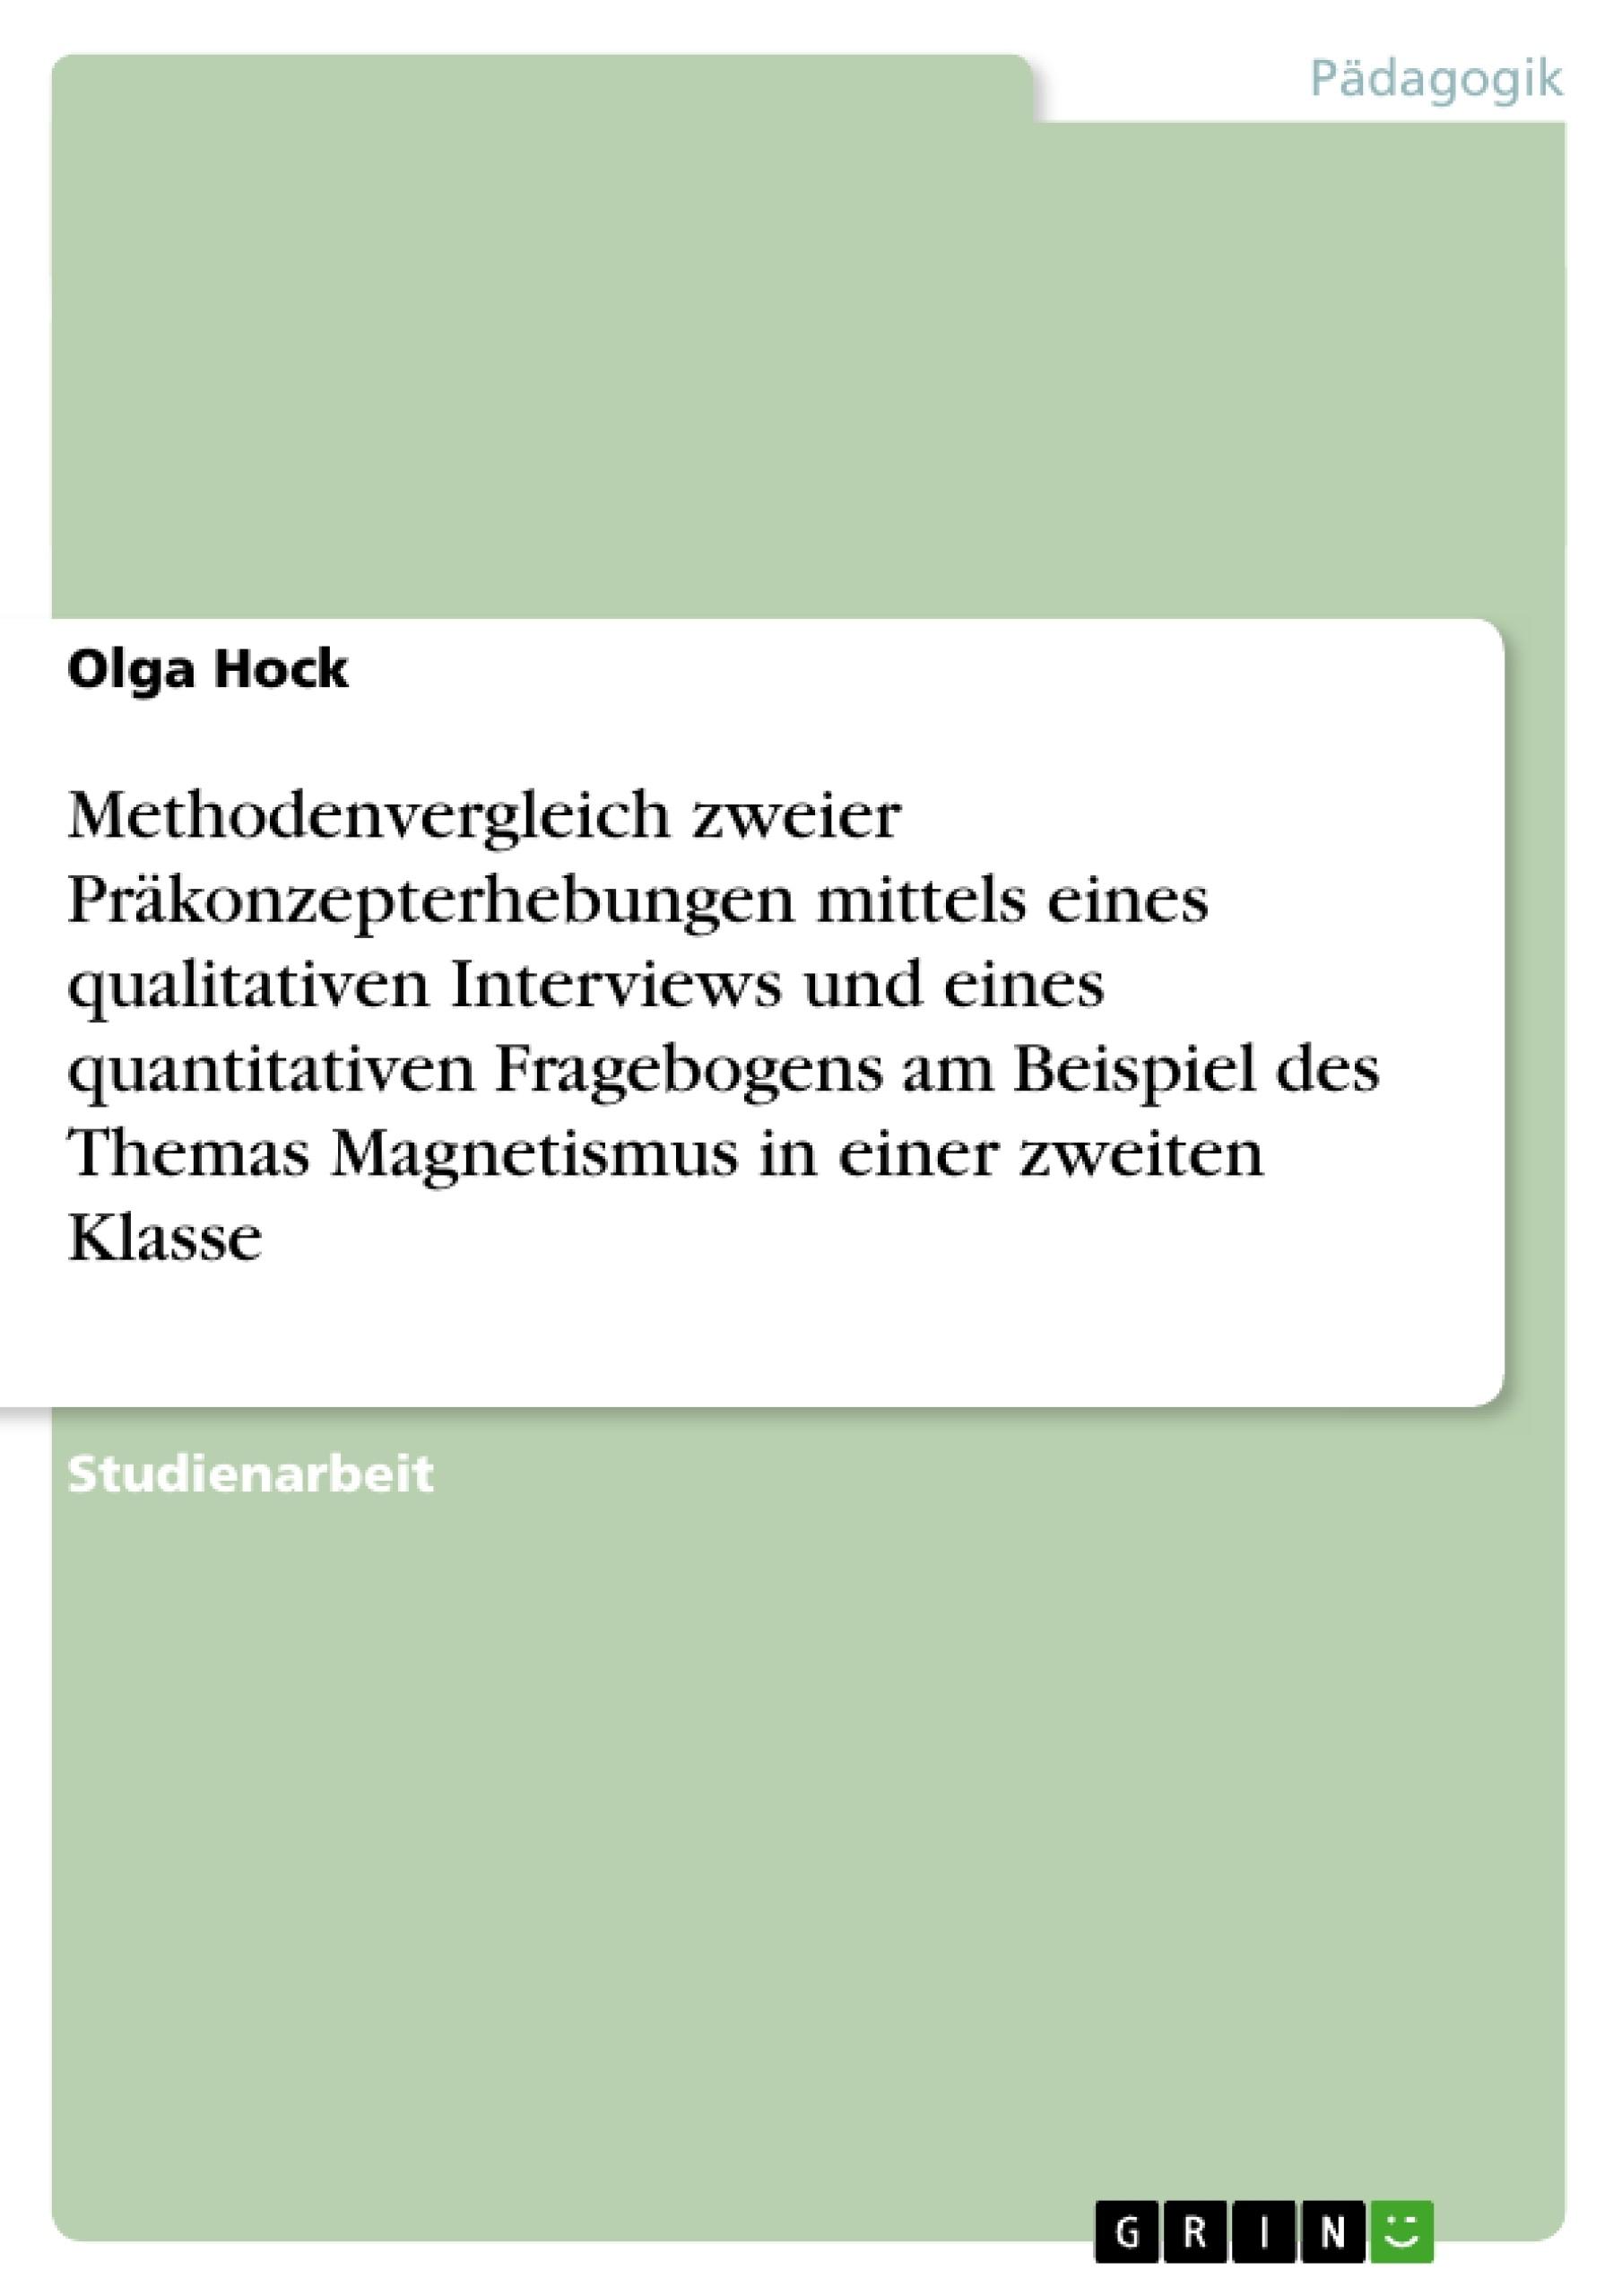 Titel: Methodenvergleich zweier Präkonzepterhebungen mittels eines qualitativen Interviews und eines quantitativen Fragebogens am Beispiel des Themas Magnetismus in einer zweiten Klasse